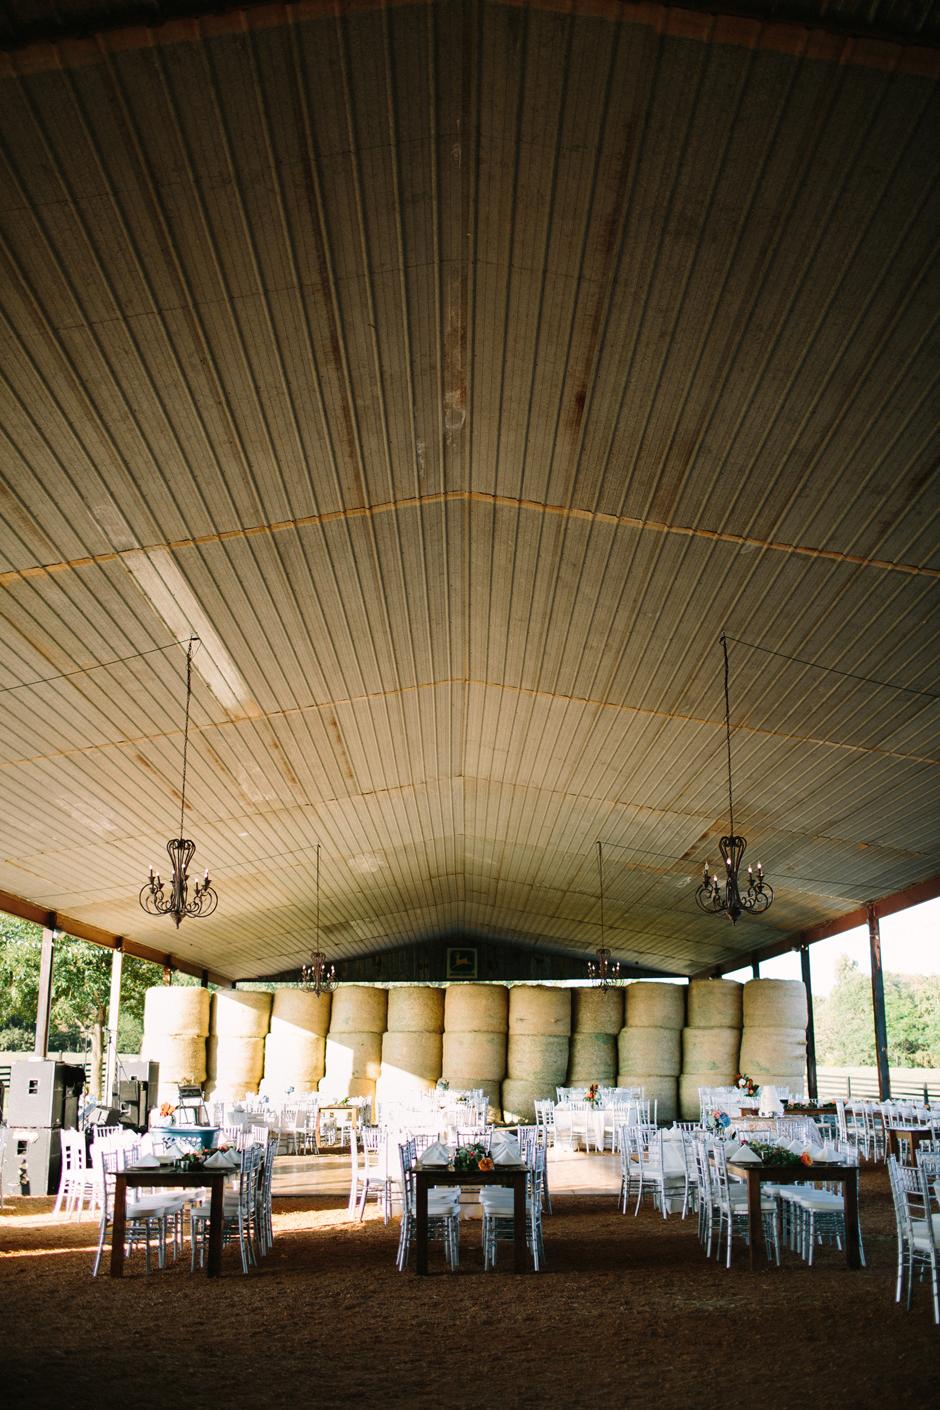 Silver Chiavari Chairs and Farm Tables at Georgia Barn Wedding